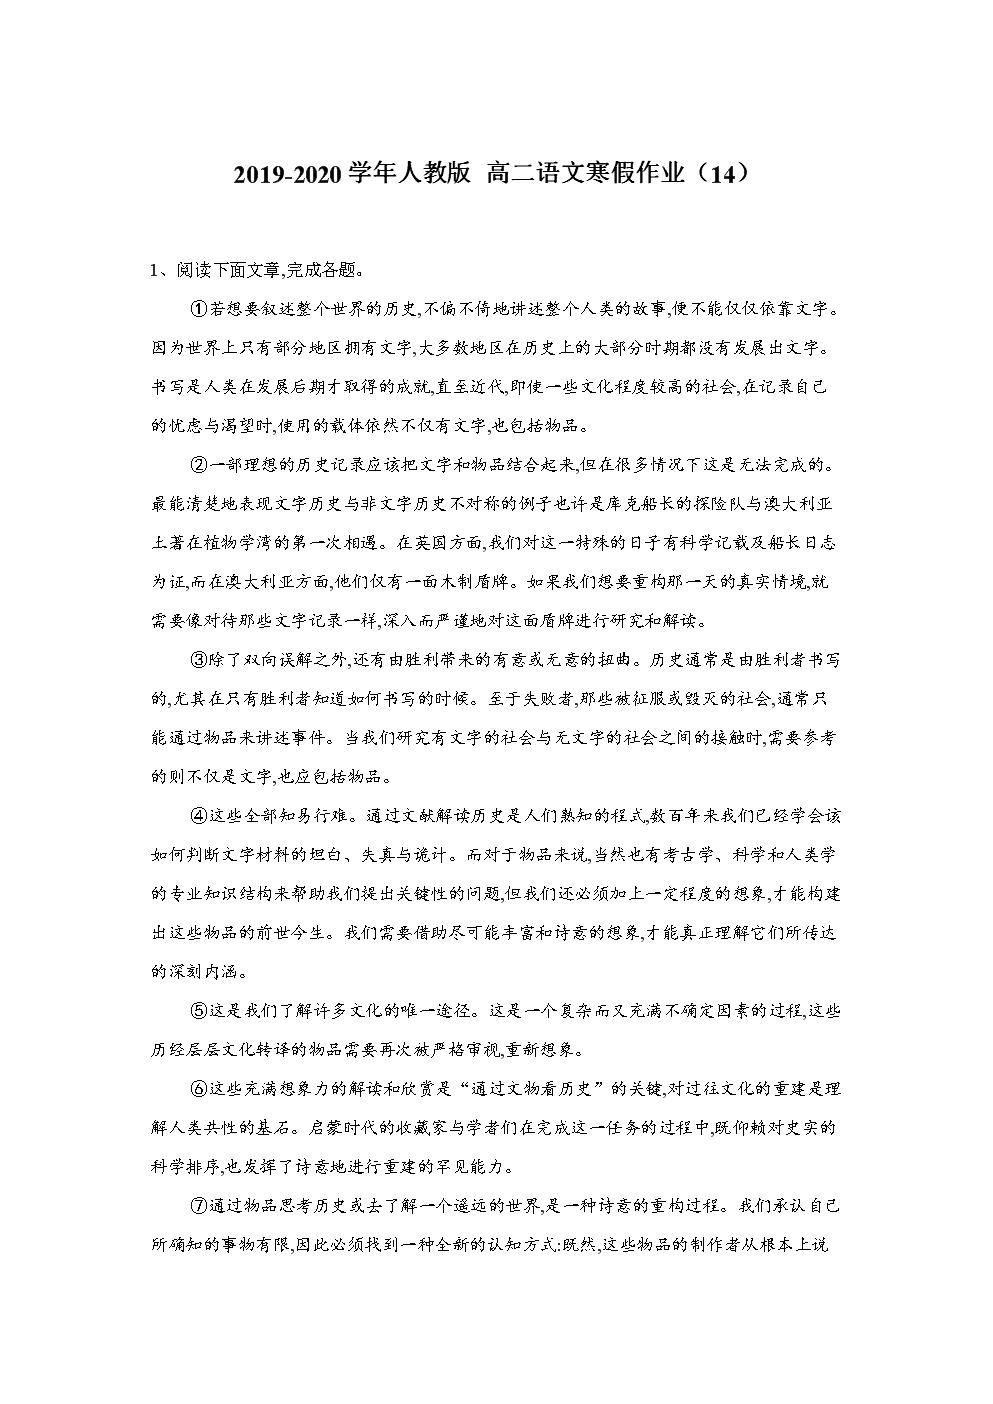 2019-2020学年人教版 高二语文寒假作业(14) Word版含答案.doc